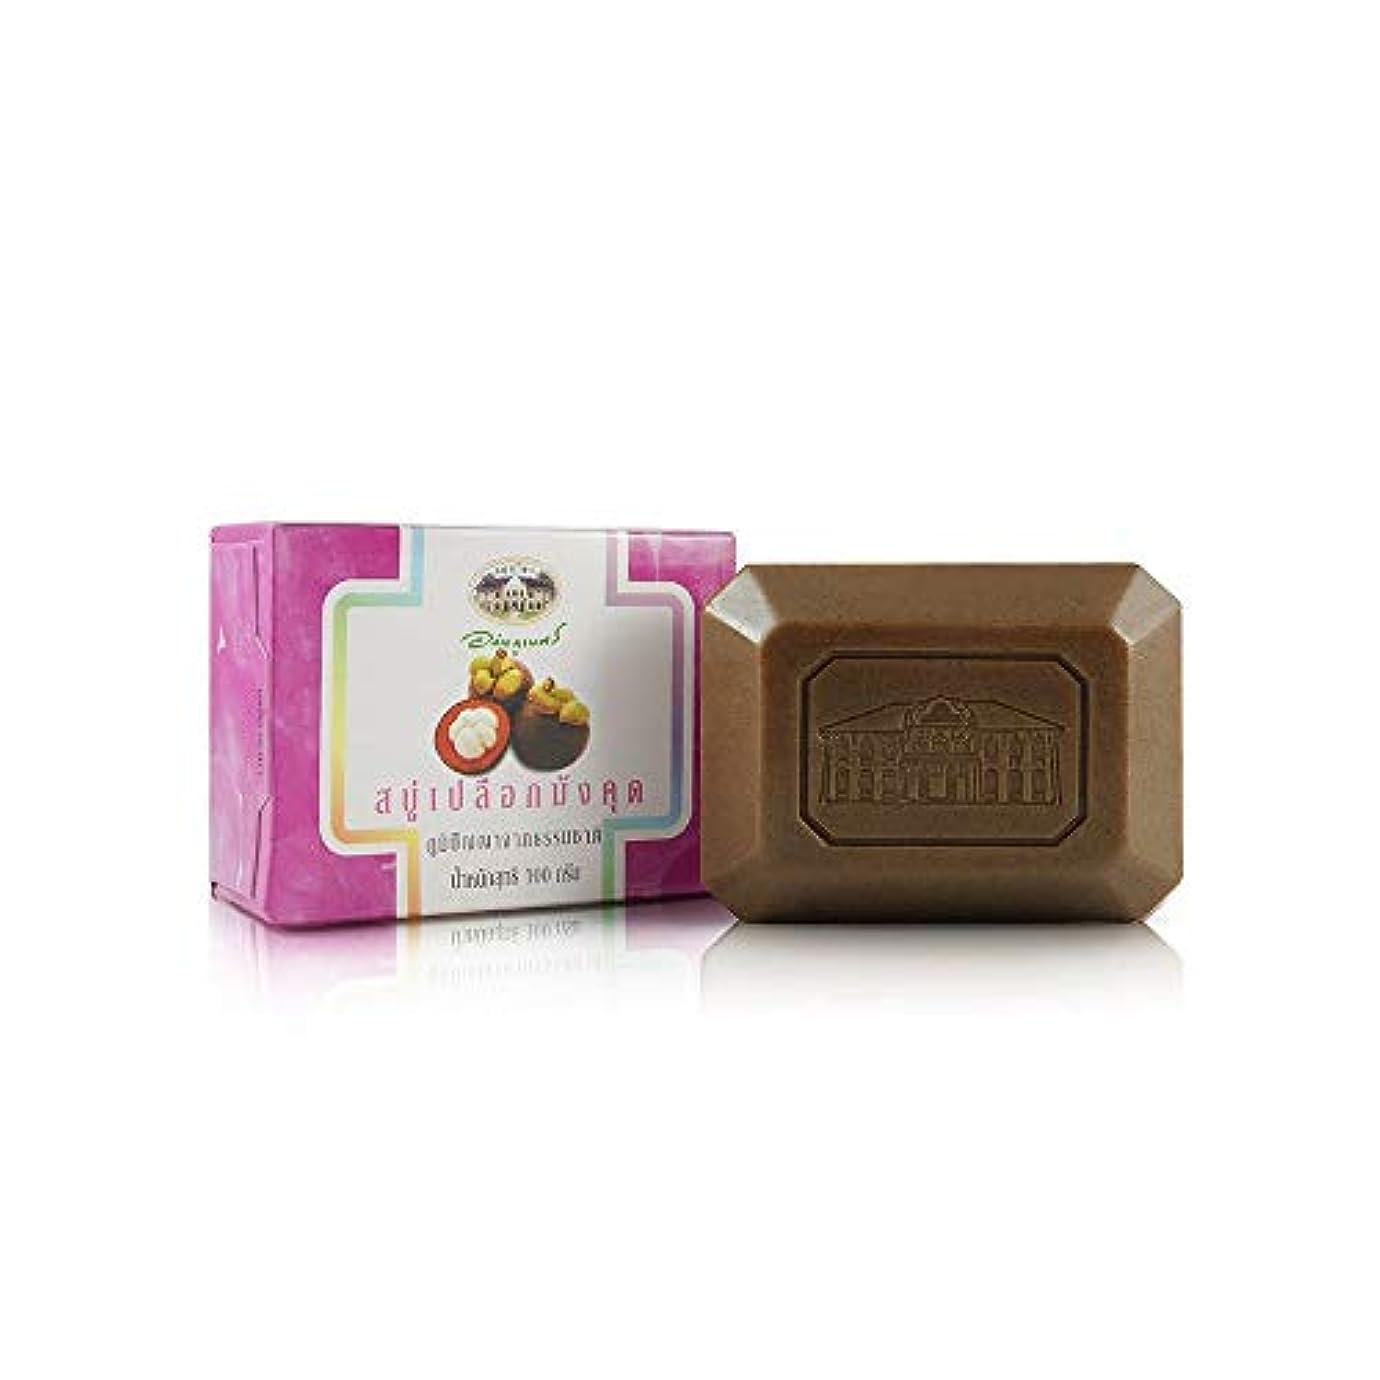 振る舞うギャングスター下着Abhaibhubejhr Mangosteen Peel Skin Herbal Body Cleansing Soap 100g. Abhaibhubejhrマンゴスチンピールスキンハーブボディクレンジングソープ100...